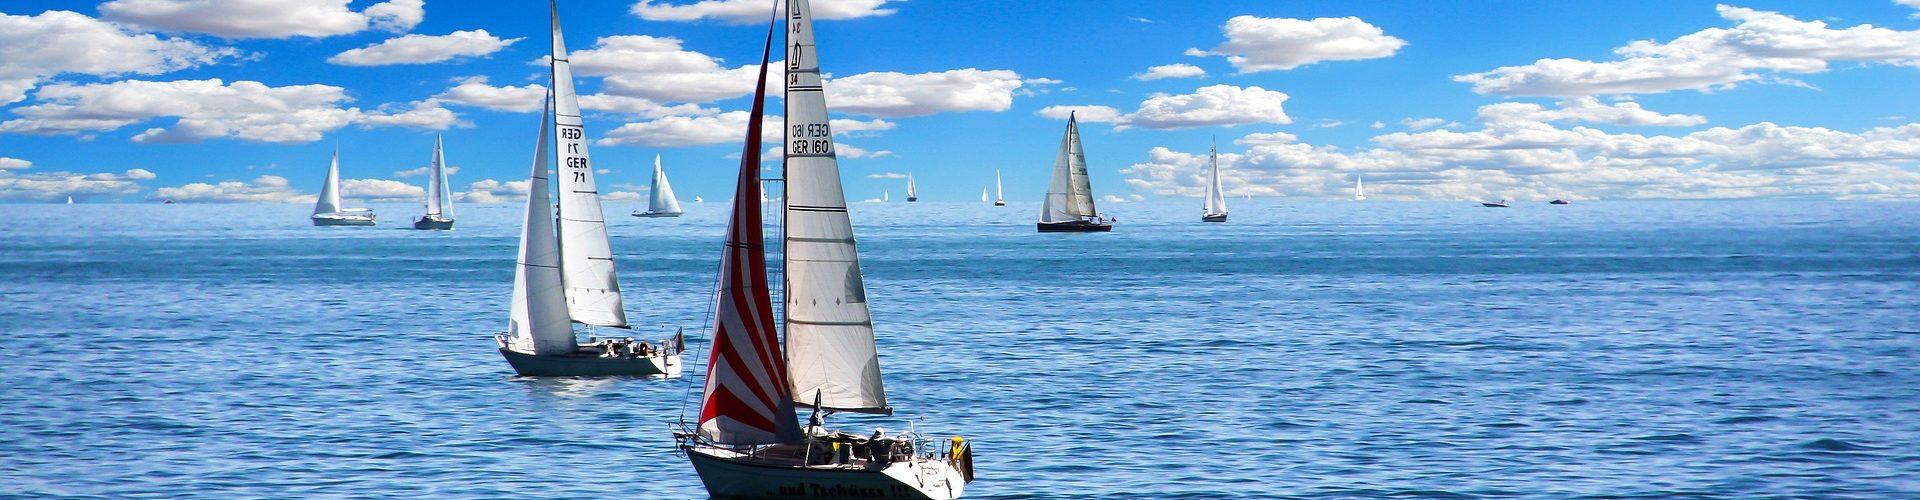 segeln lernen in Idstein segelschein machen in Idstein 1920x500 - Segeln lernen in Idstein